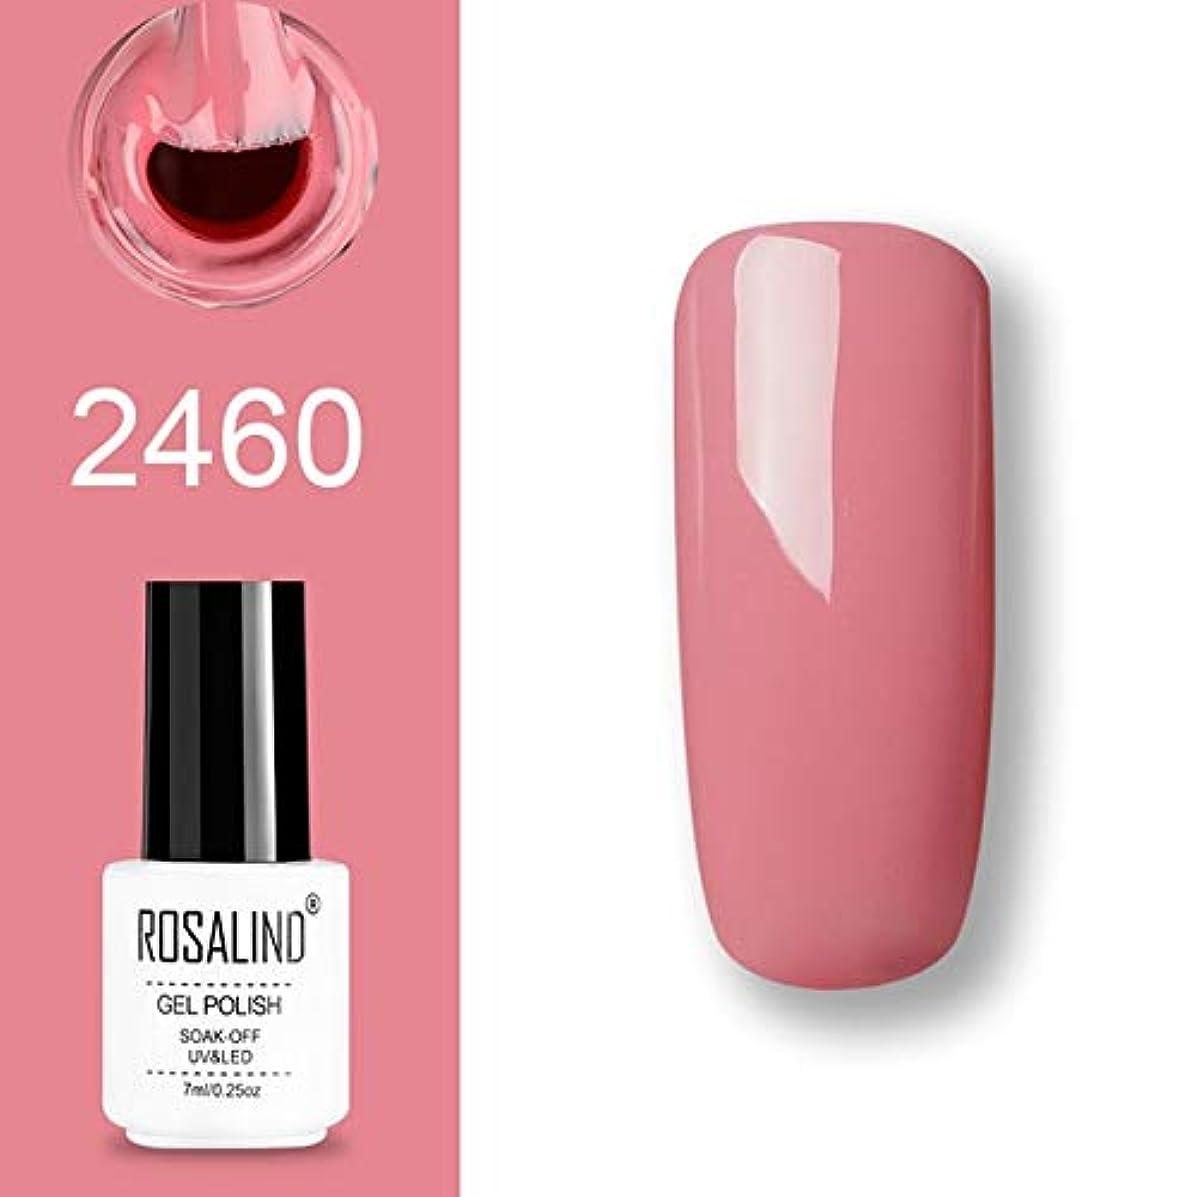 ジャンル破壊的イノセンスファッションアイテム ROSALINDジェルポリッシュセットUVセミパーマネントプライマートップコートポリジェルニスネイルアートマニキュアジェル、ピンク、容量:7ml 2460。 環境に優しいマニキュア